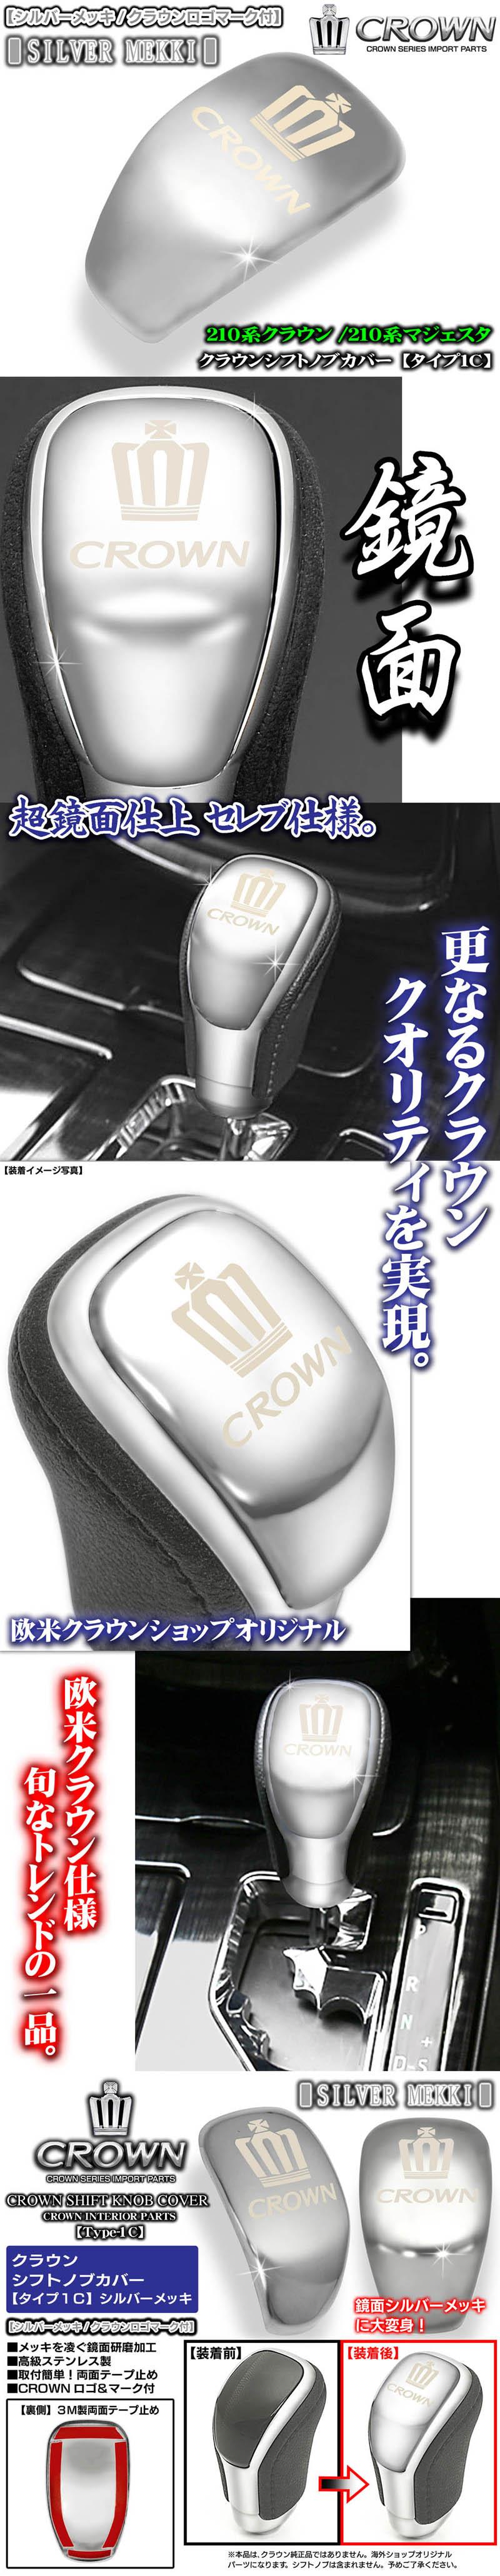 210系クラウン/マジェスタ【シルバーメッキ】シフトノブカバー[タイプ1C]欧米ショップオリジナル社外品/ブラガ